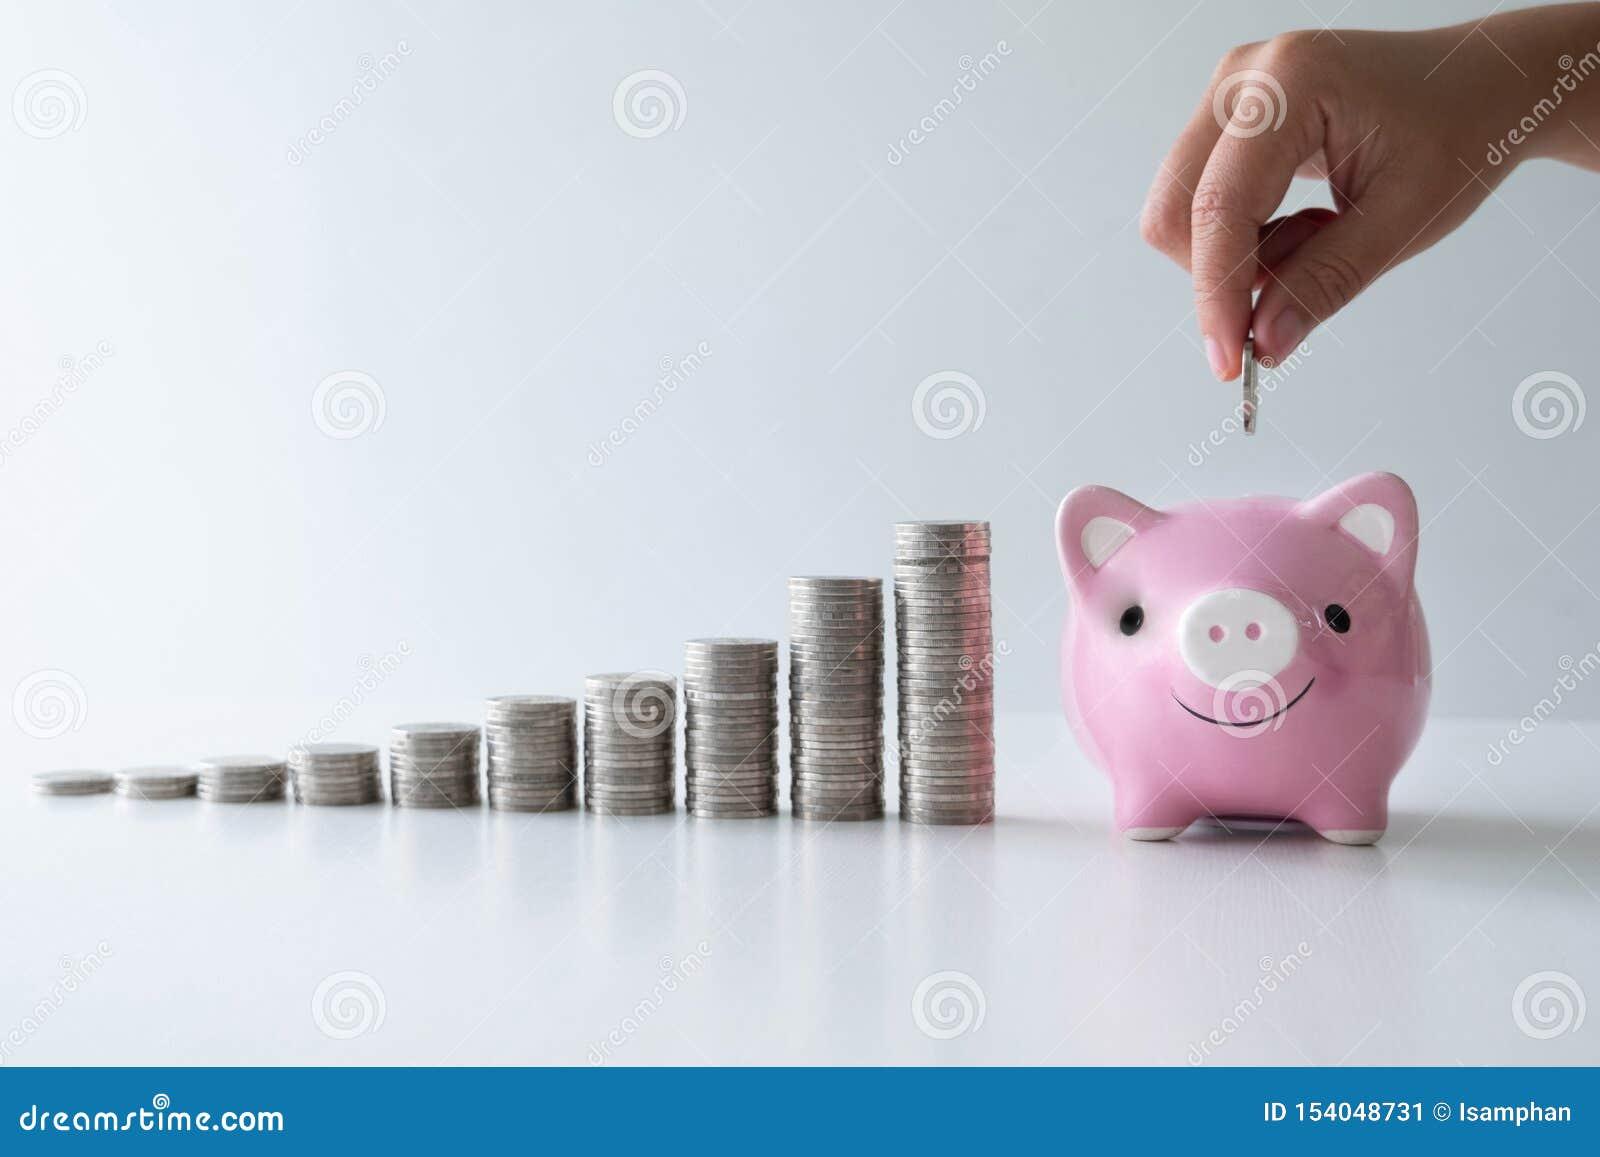 De hand die muntstuk in roze spaarvarken met muntstukkengrafiek zetten, voert startzaken aan succes op, die geld voor toekomstig